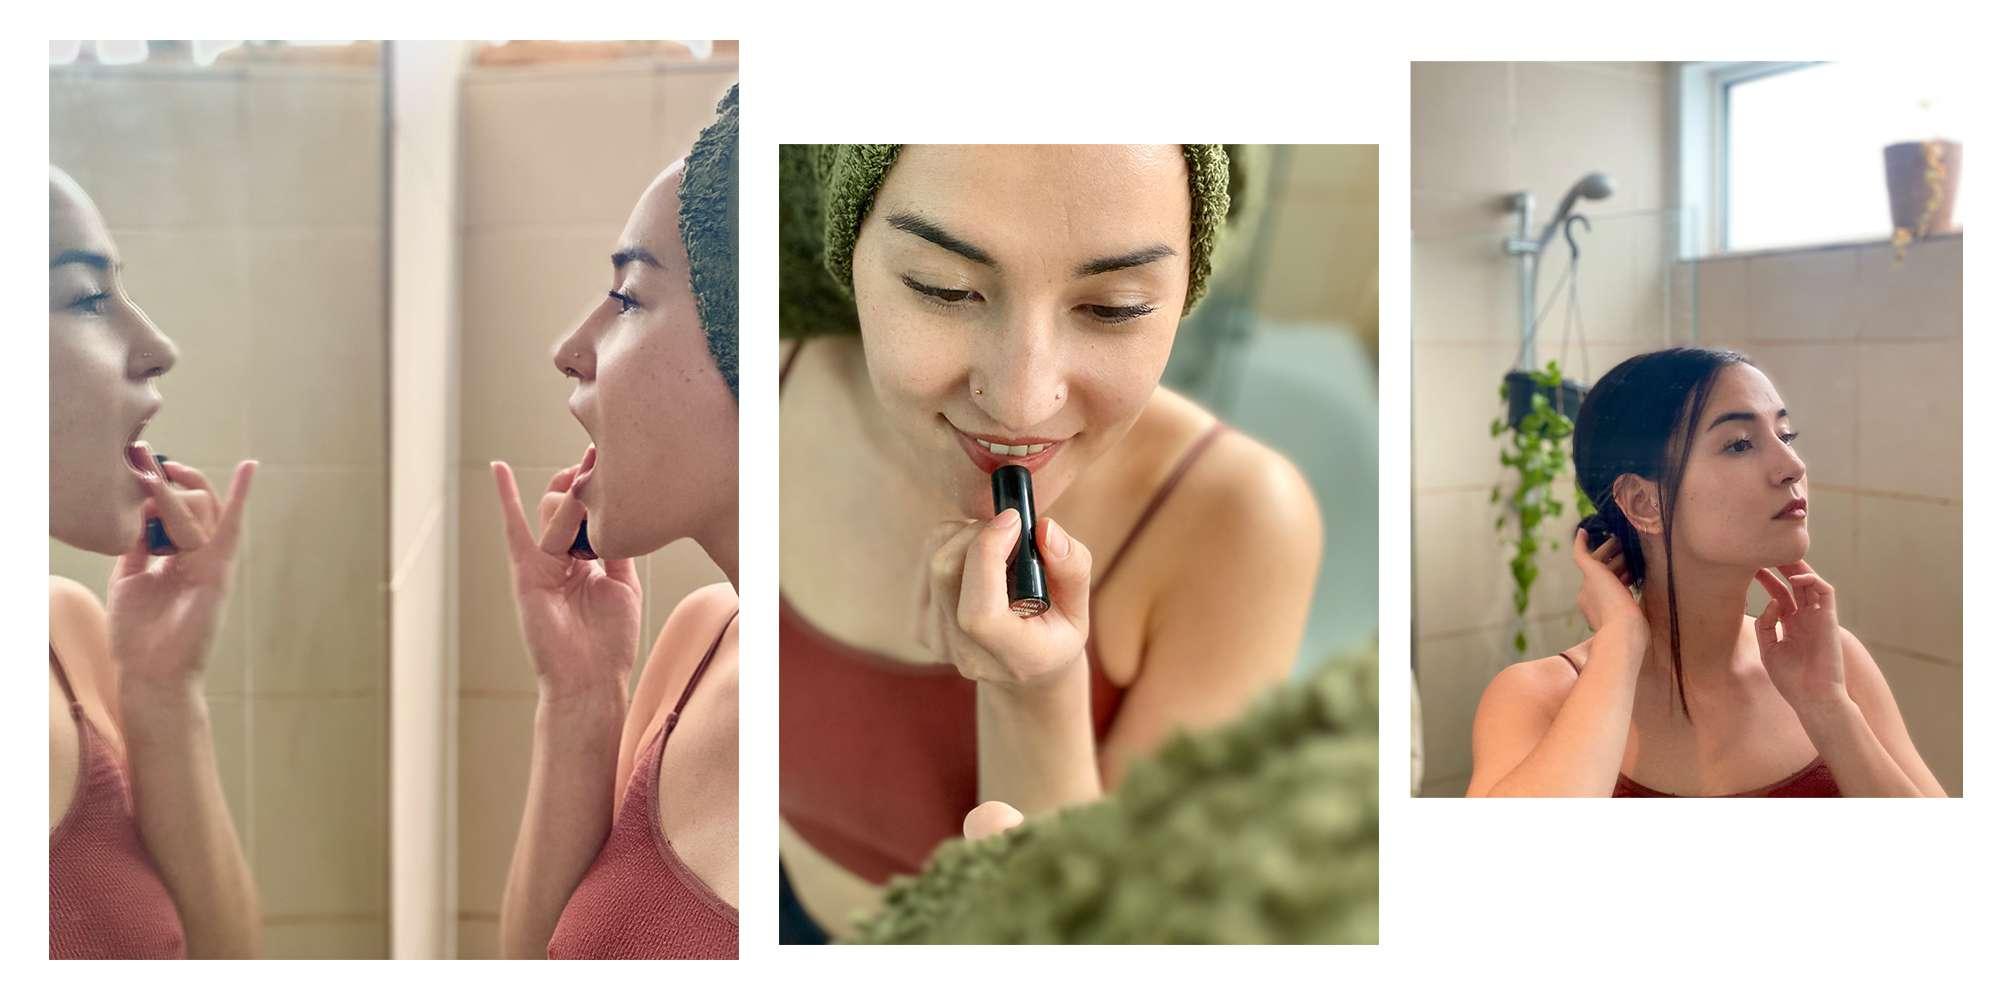 3 photos of Jessie Mei Li